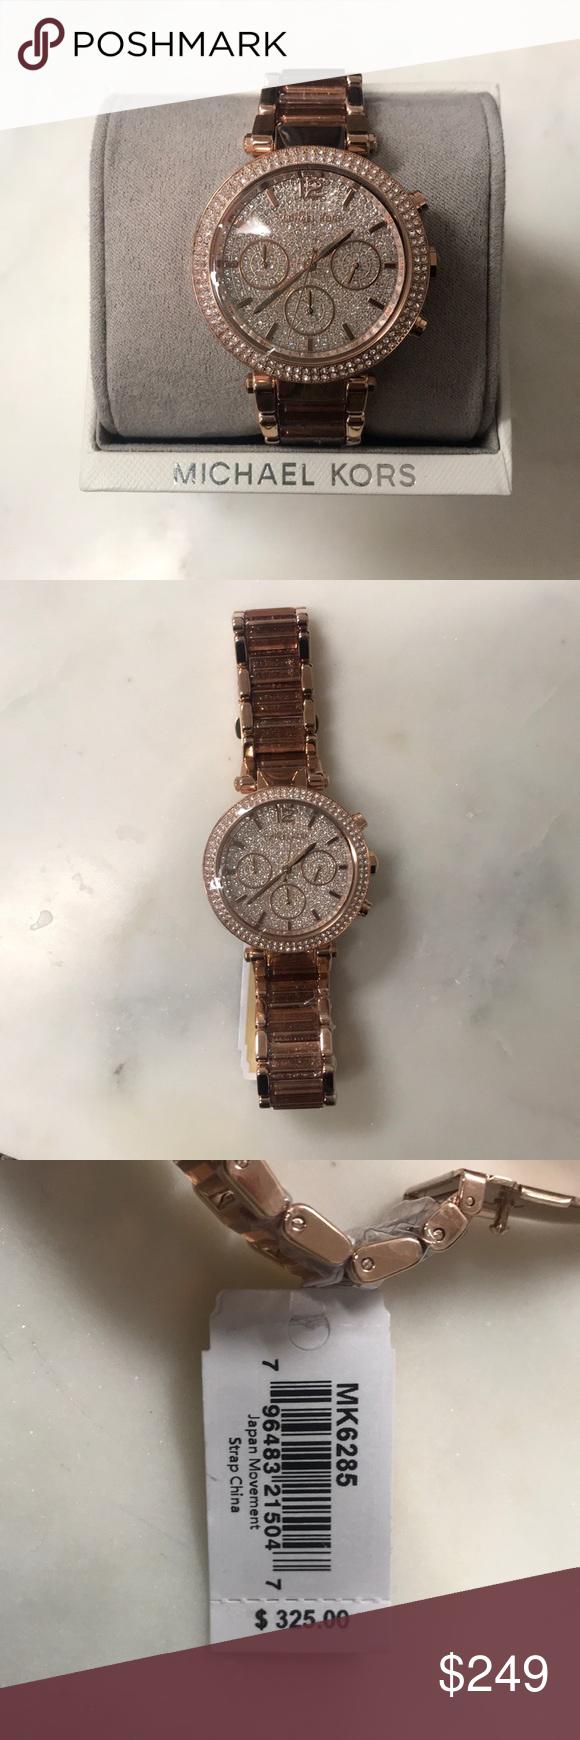 e1d8edad5145 NWT Michael Kors Parker Rose Gold-Tone Watch Glam Michael Kors Chronograph  Parker Gold-